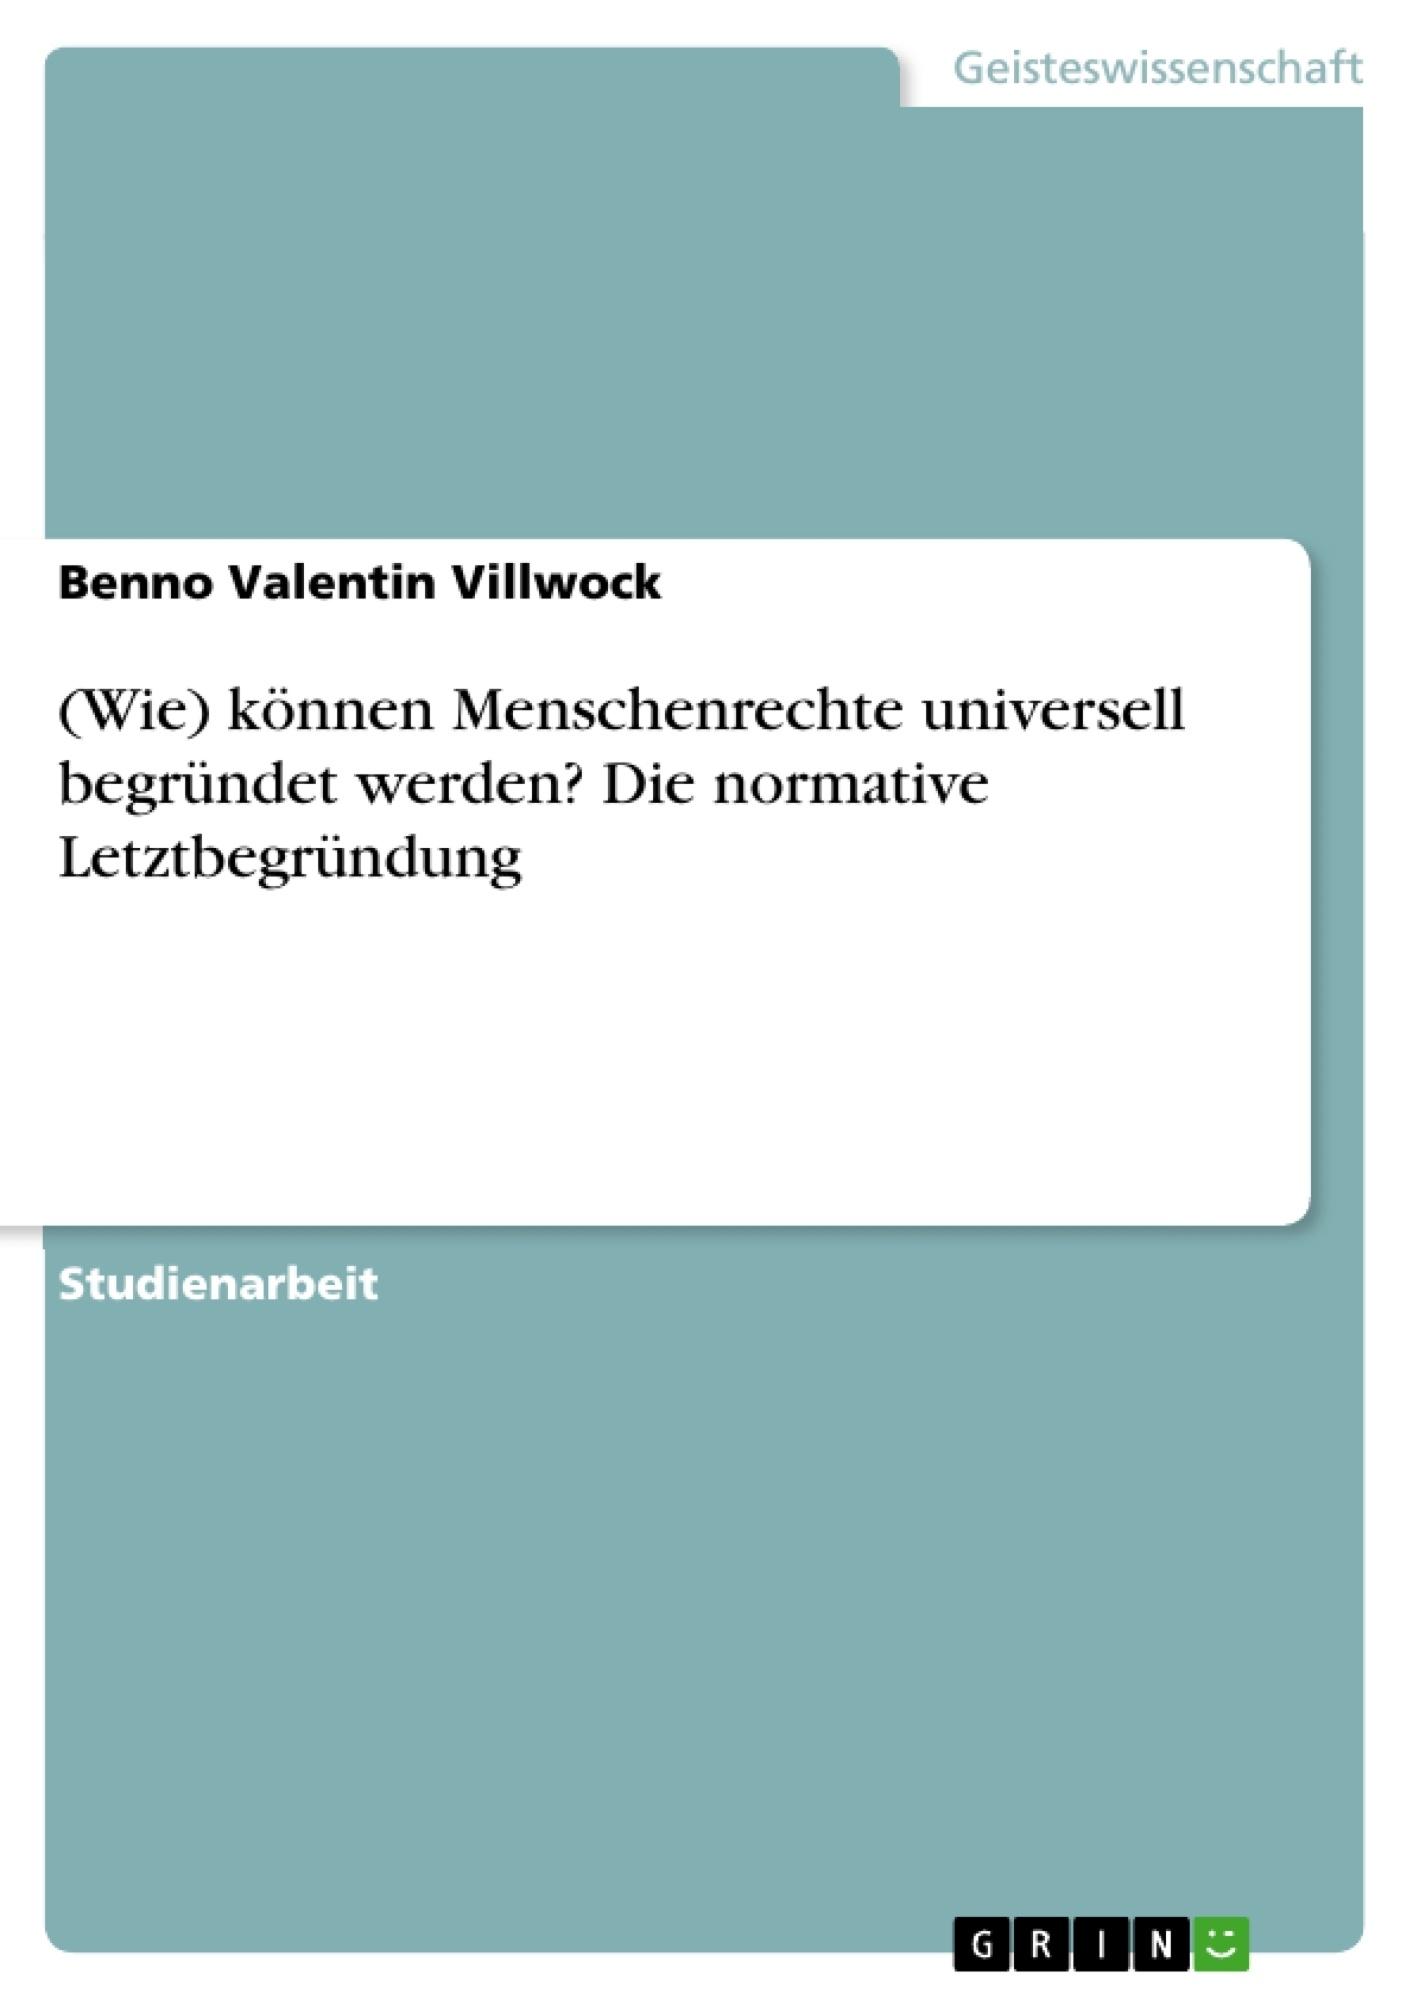 Titel: (Wie) können Menschenrechte universell begründet werden? Die normative Letztbegründung